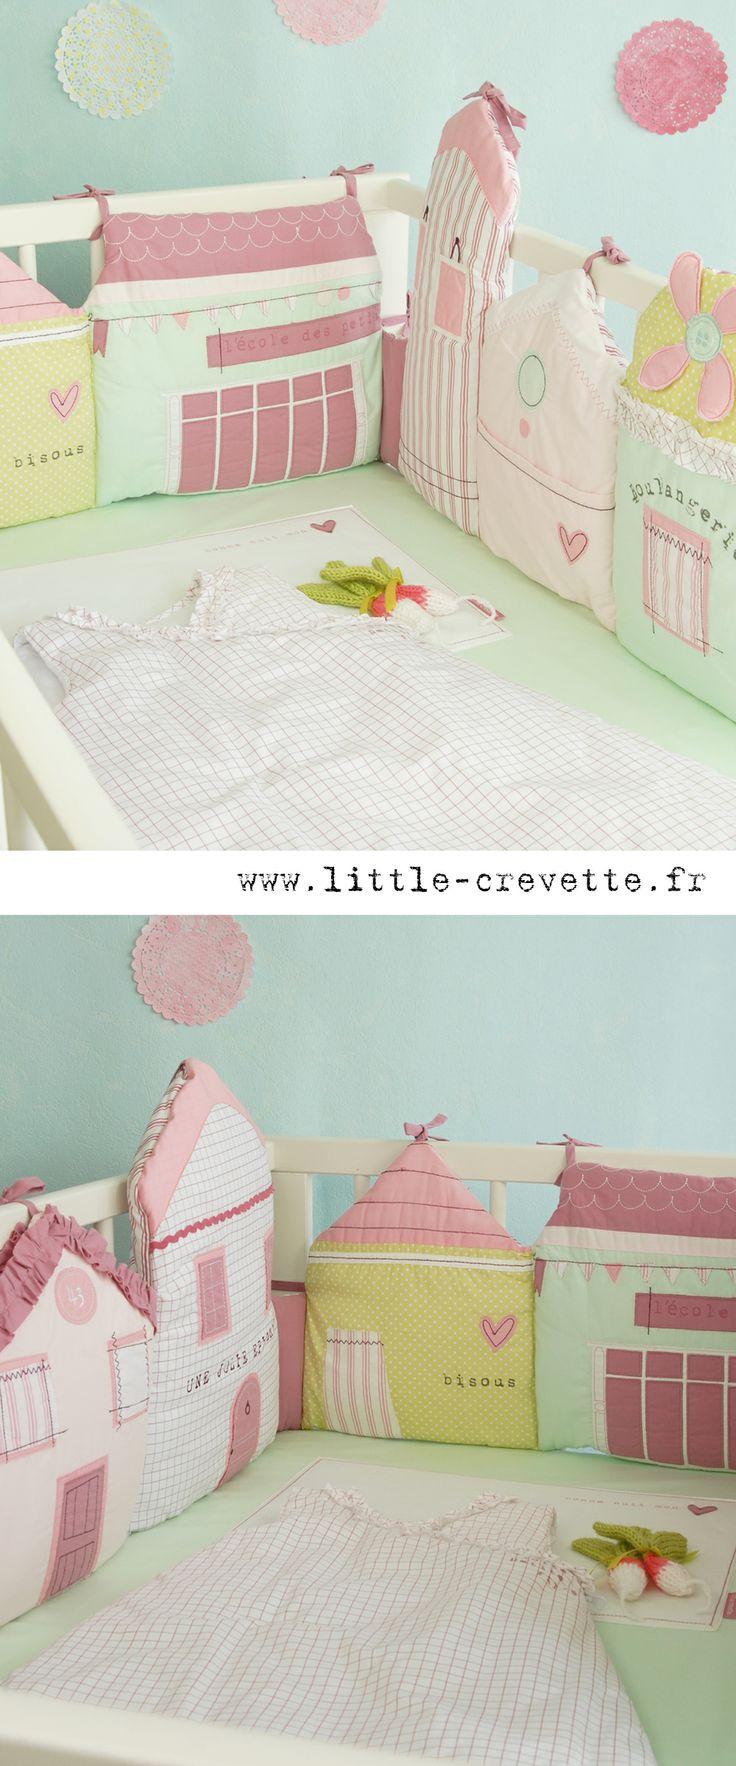 Make similar for her crib!